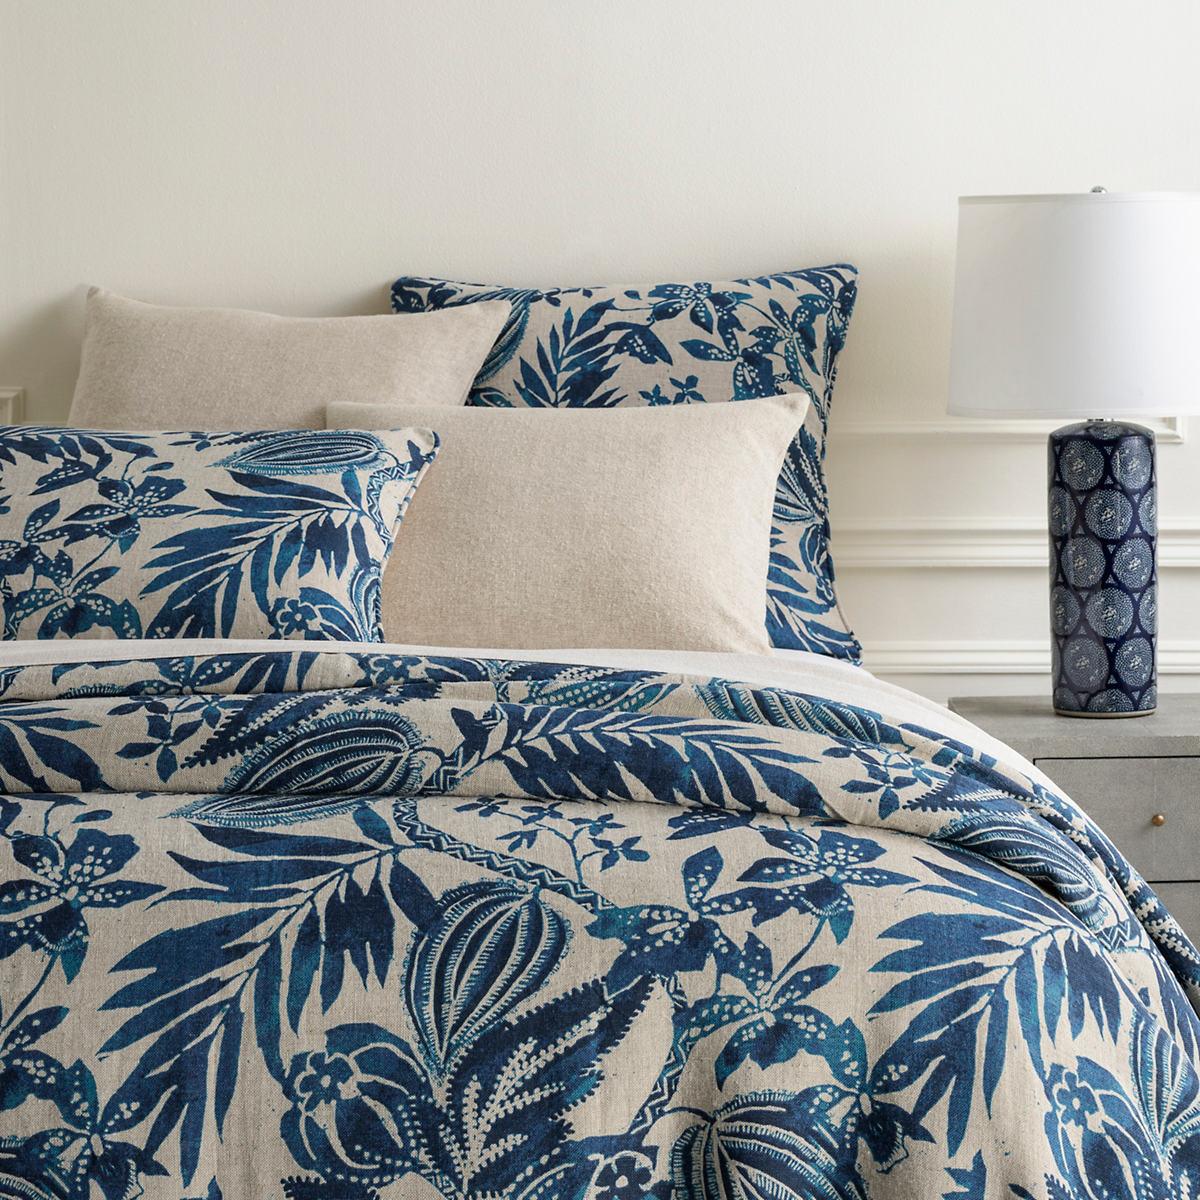 Antigua Linen Duvet Cover